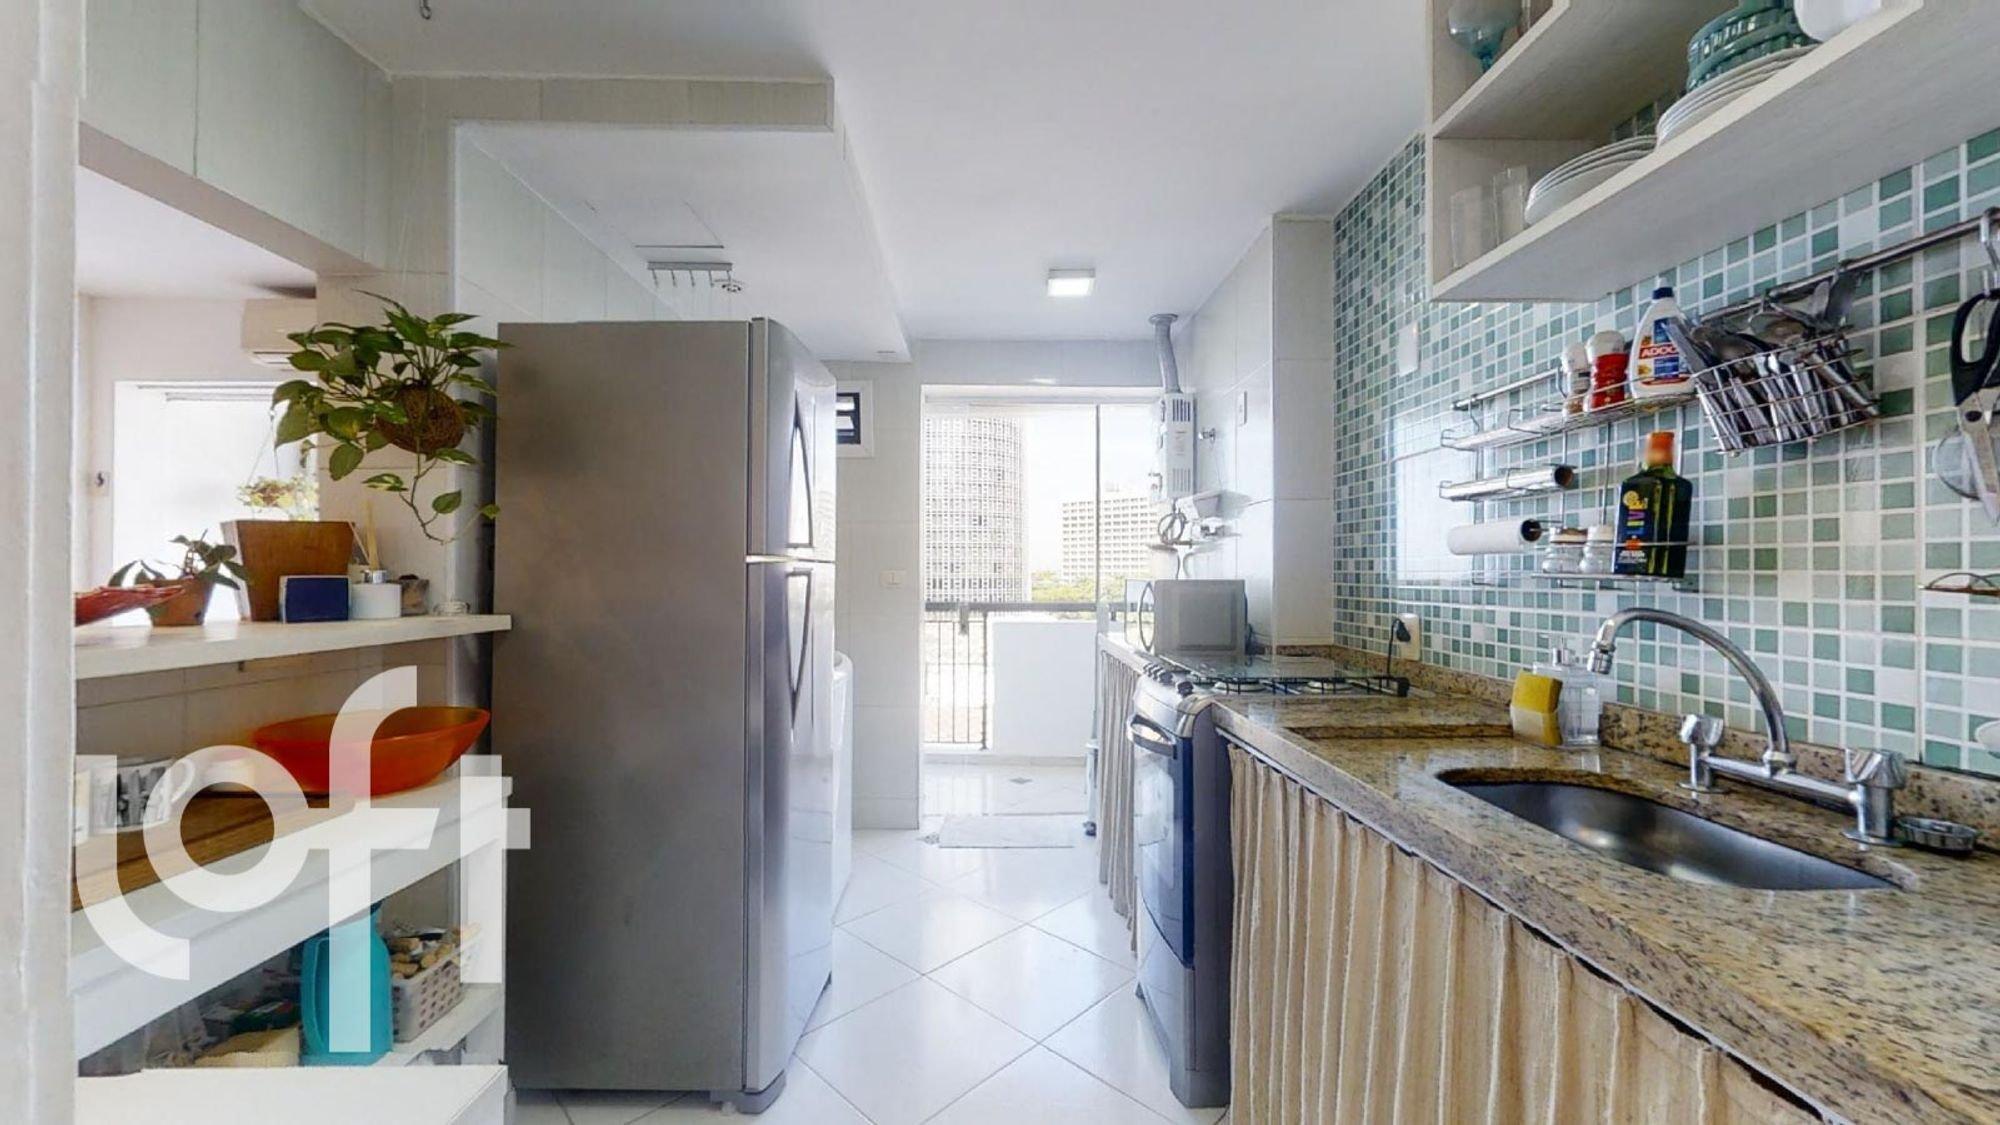 Foto de Cozinha com vaso de planta, garrafa, geladeira, pia